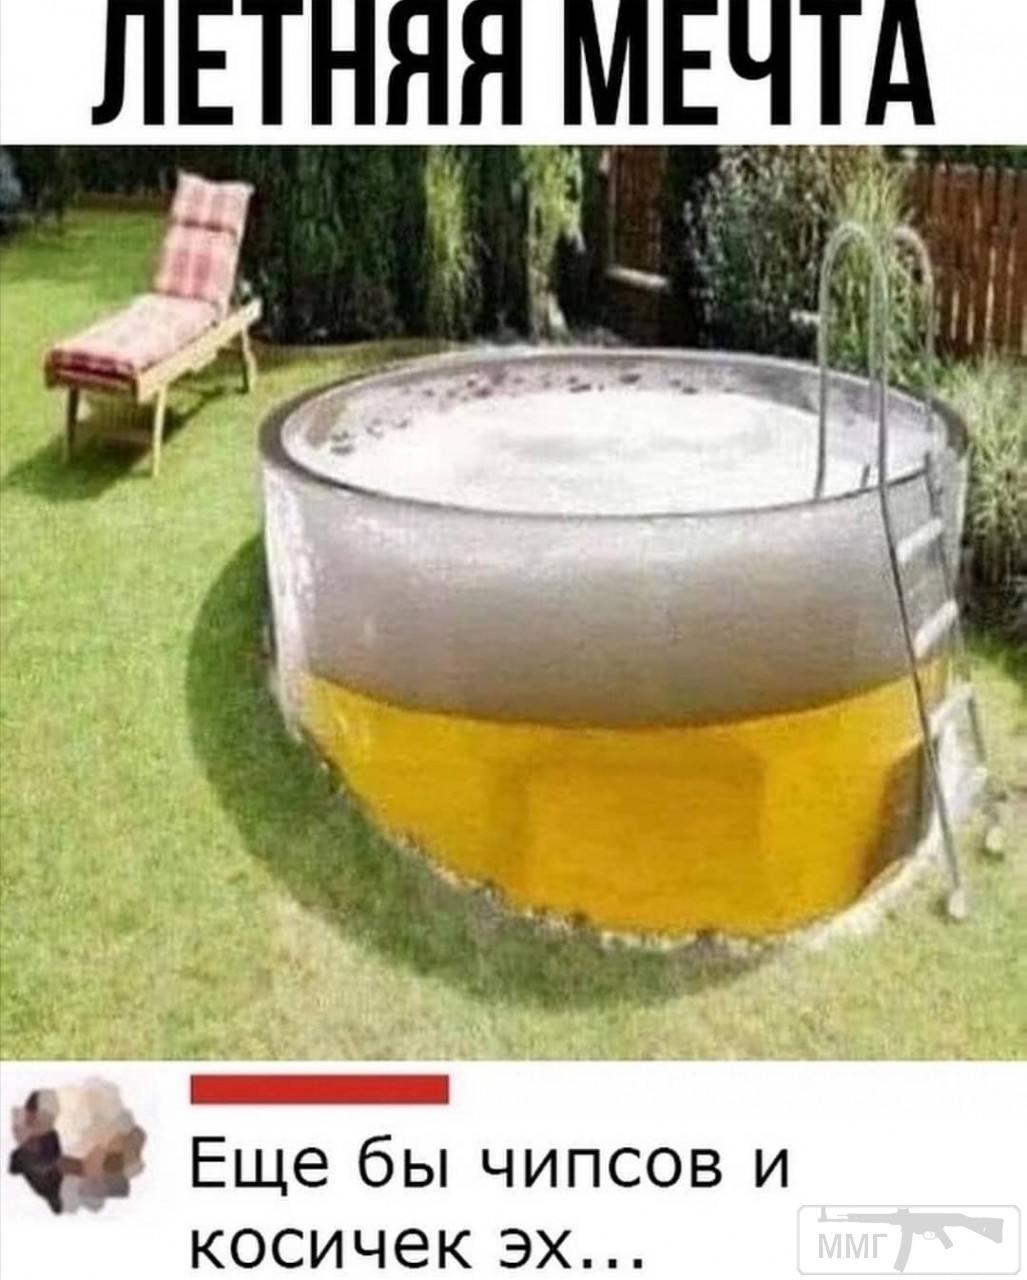 109977 - Пить или не пить? - пятничная алкогольная тема )))